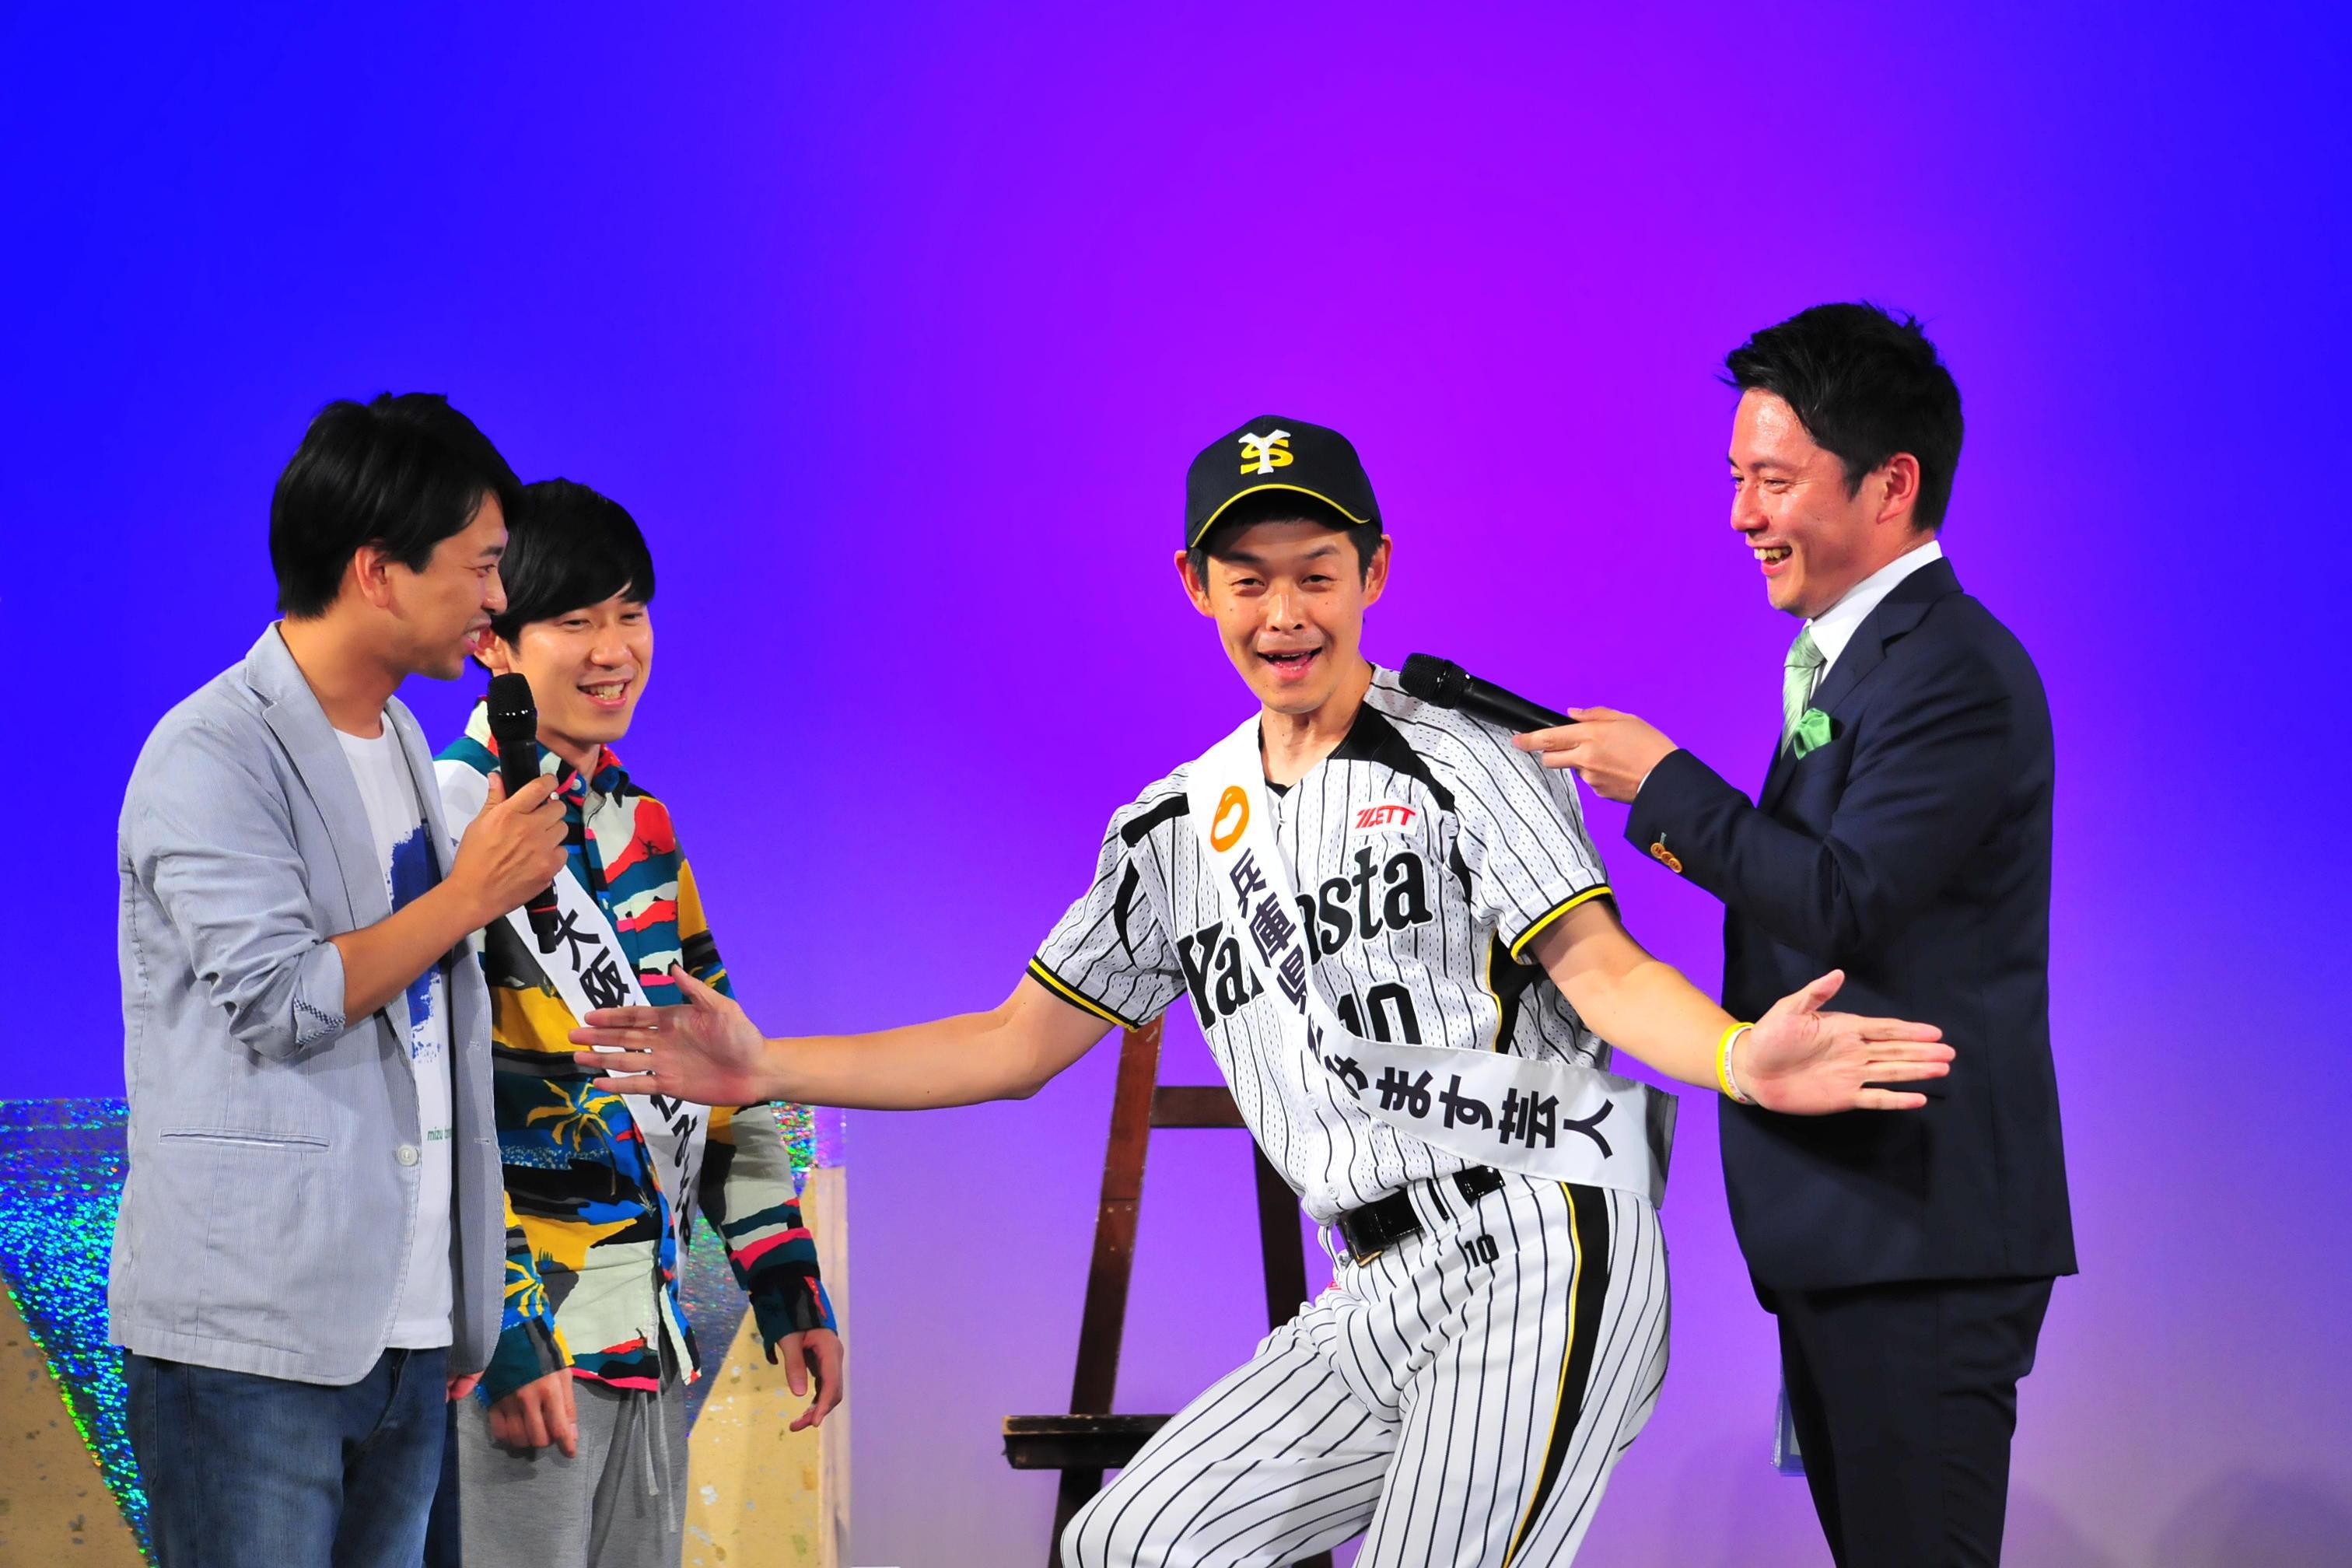 http://news.yoshimoto.co.jp/20160516144228-c91ed8d8004a9301be888e27096c4be2a09aebf1.jpg